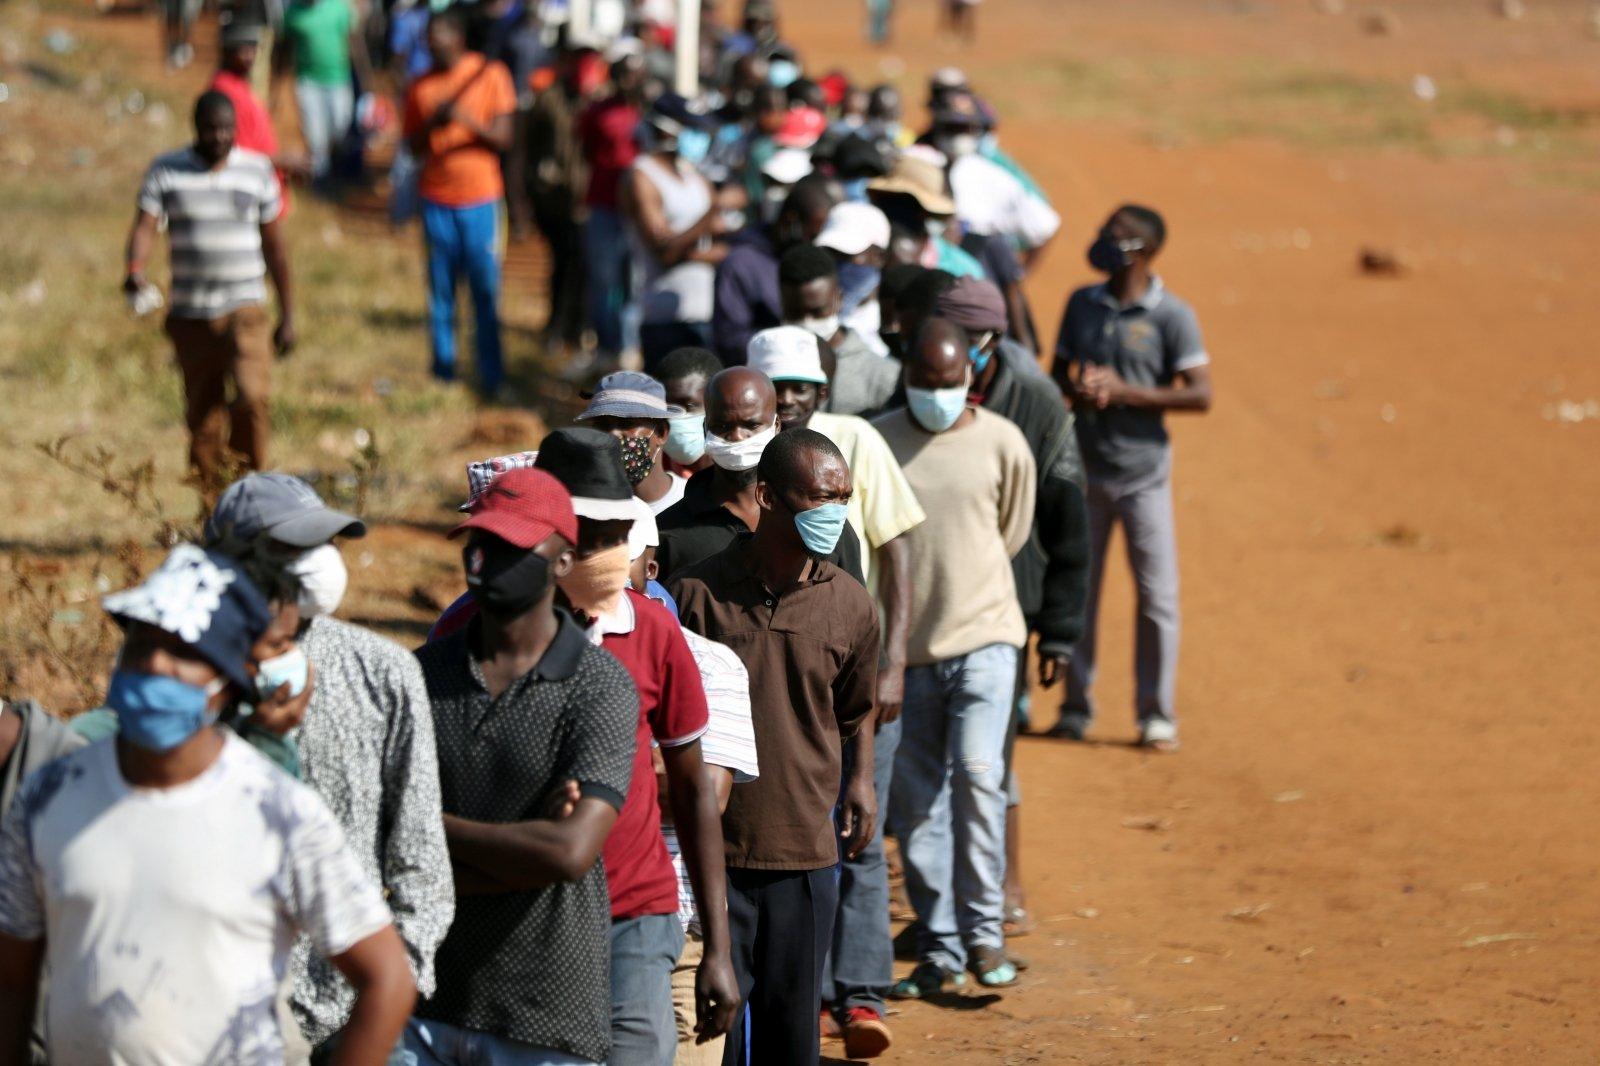 Хроника пандемии: в Африке - более миллиона инфицированных SARS-CoV-2